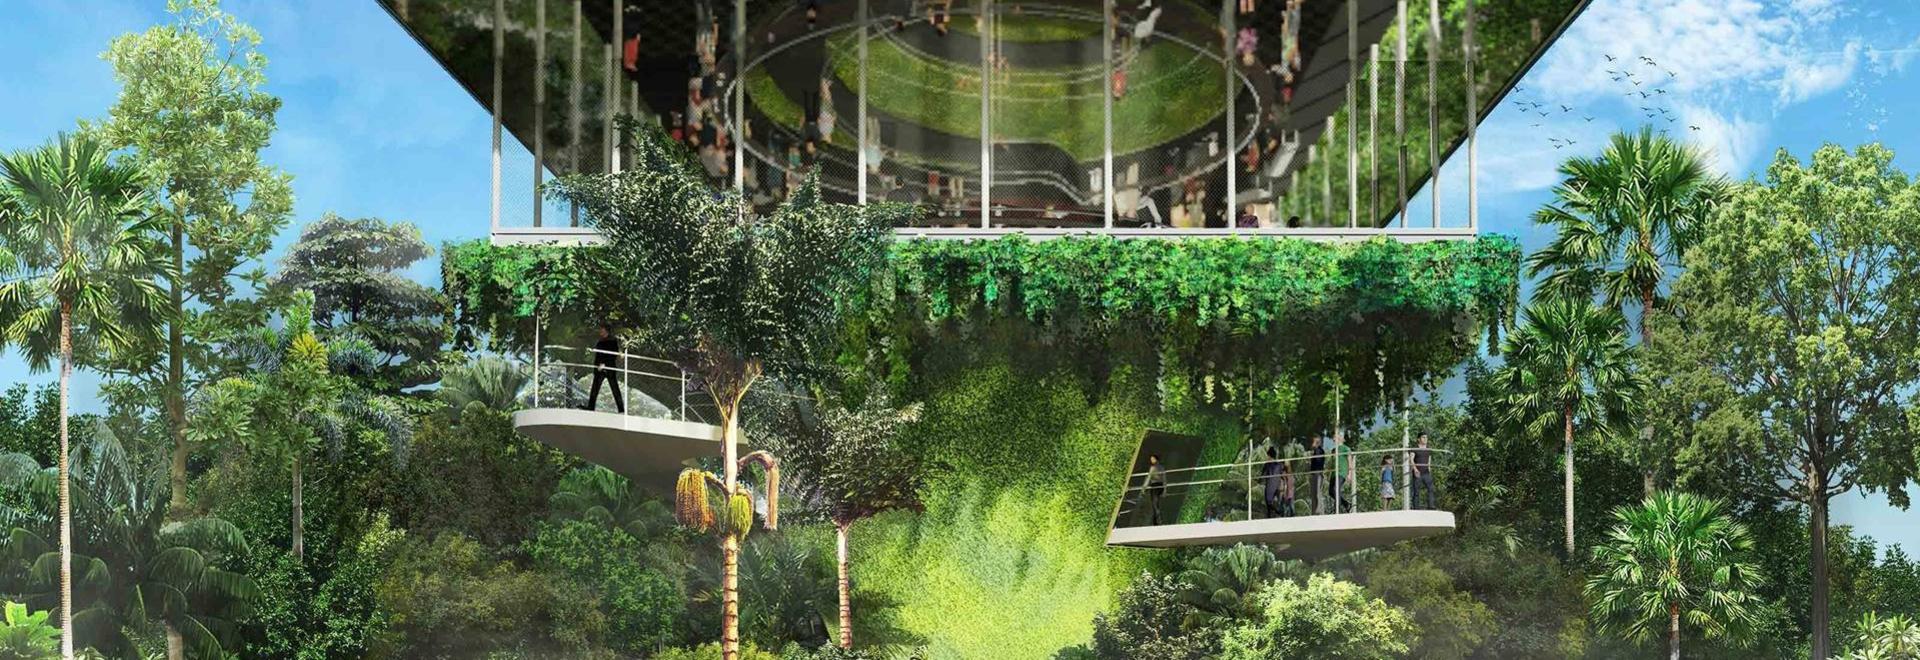 WOHA präsentiert einen üppigen, netto null Singapur-Pavillon für die Weltausstellung 2020